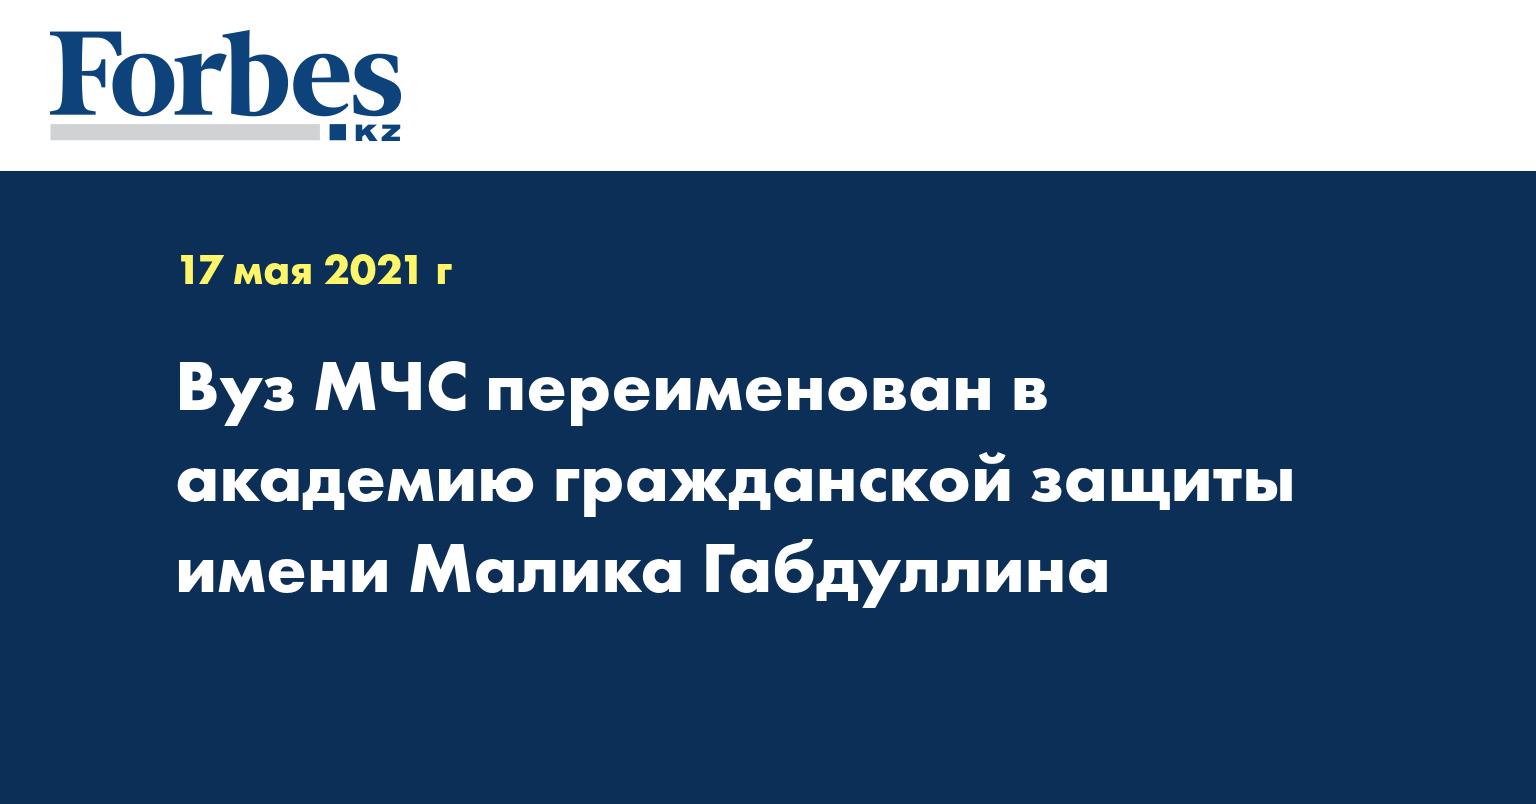 Вуз МЧС переименован в академию гражданской защиты имени Малика Габдуллина